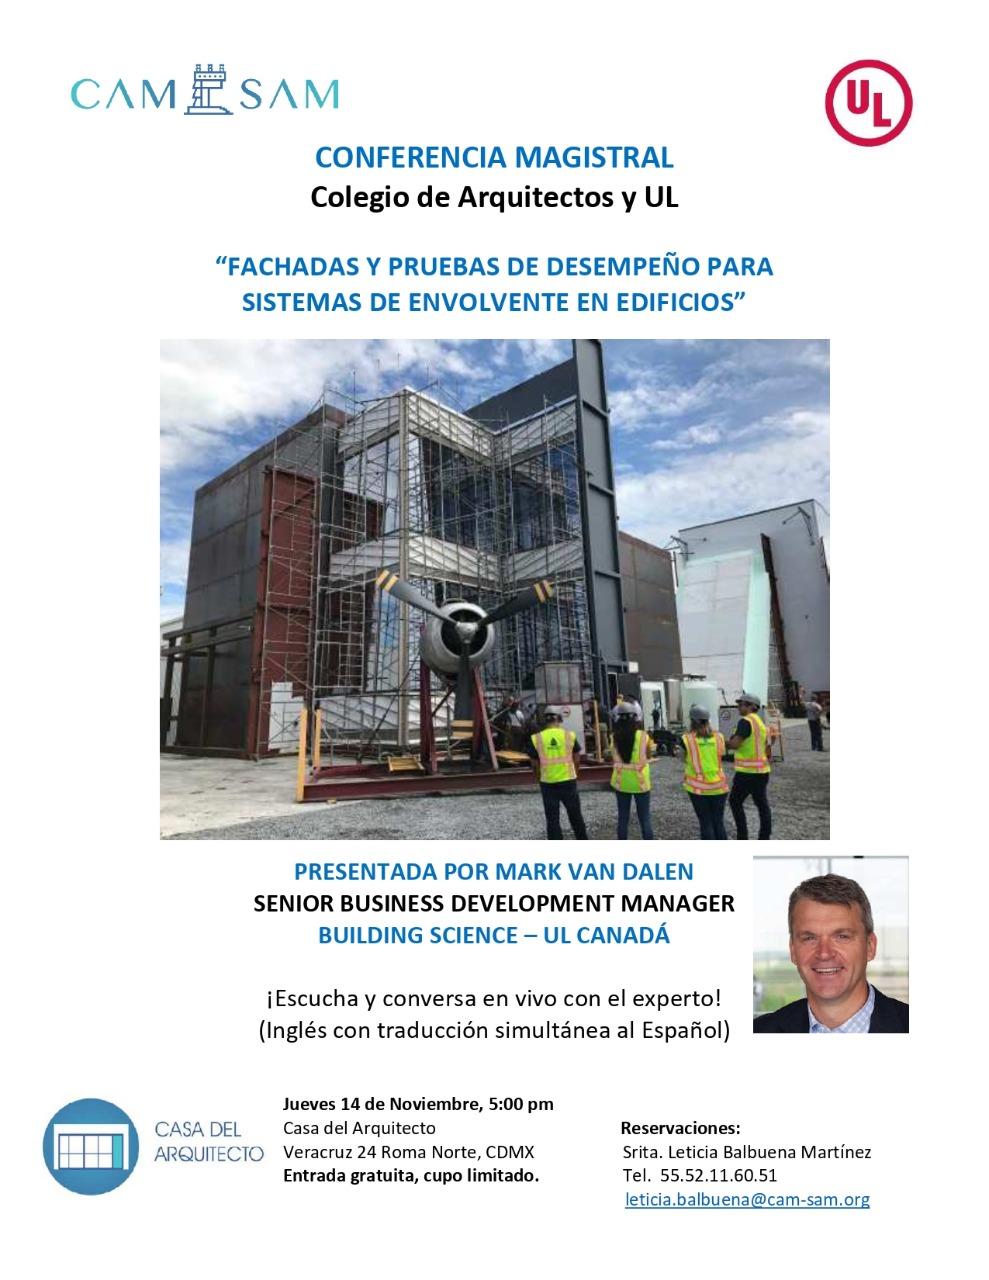 Conferencia Fachada y pruebas de desempeño para sistemas de envolvente de edificios